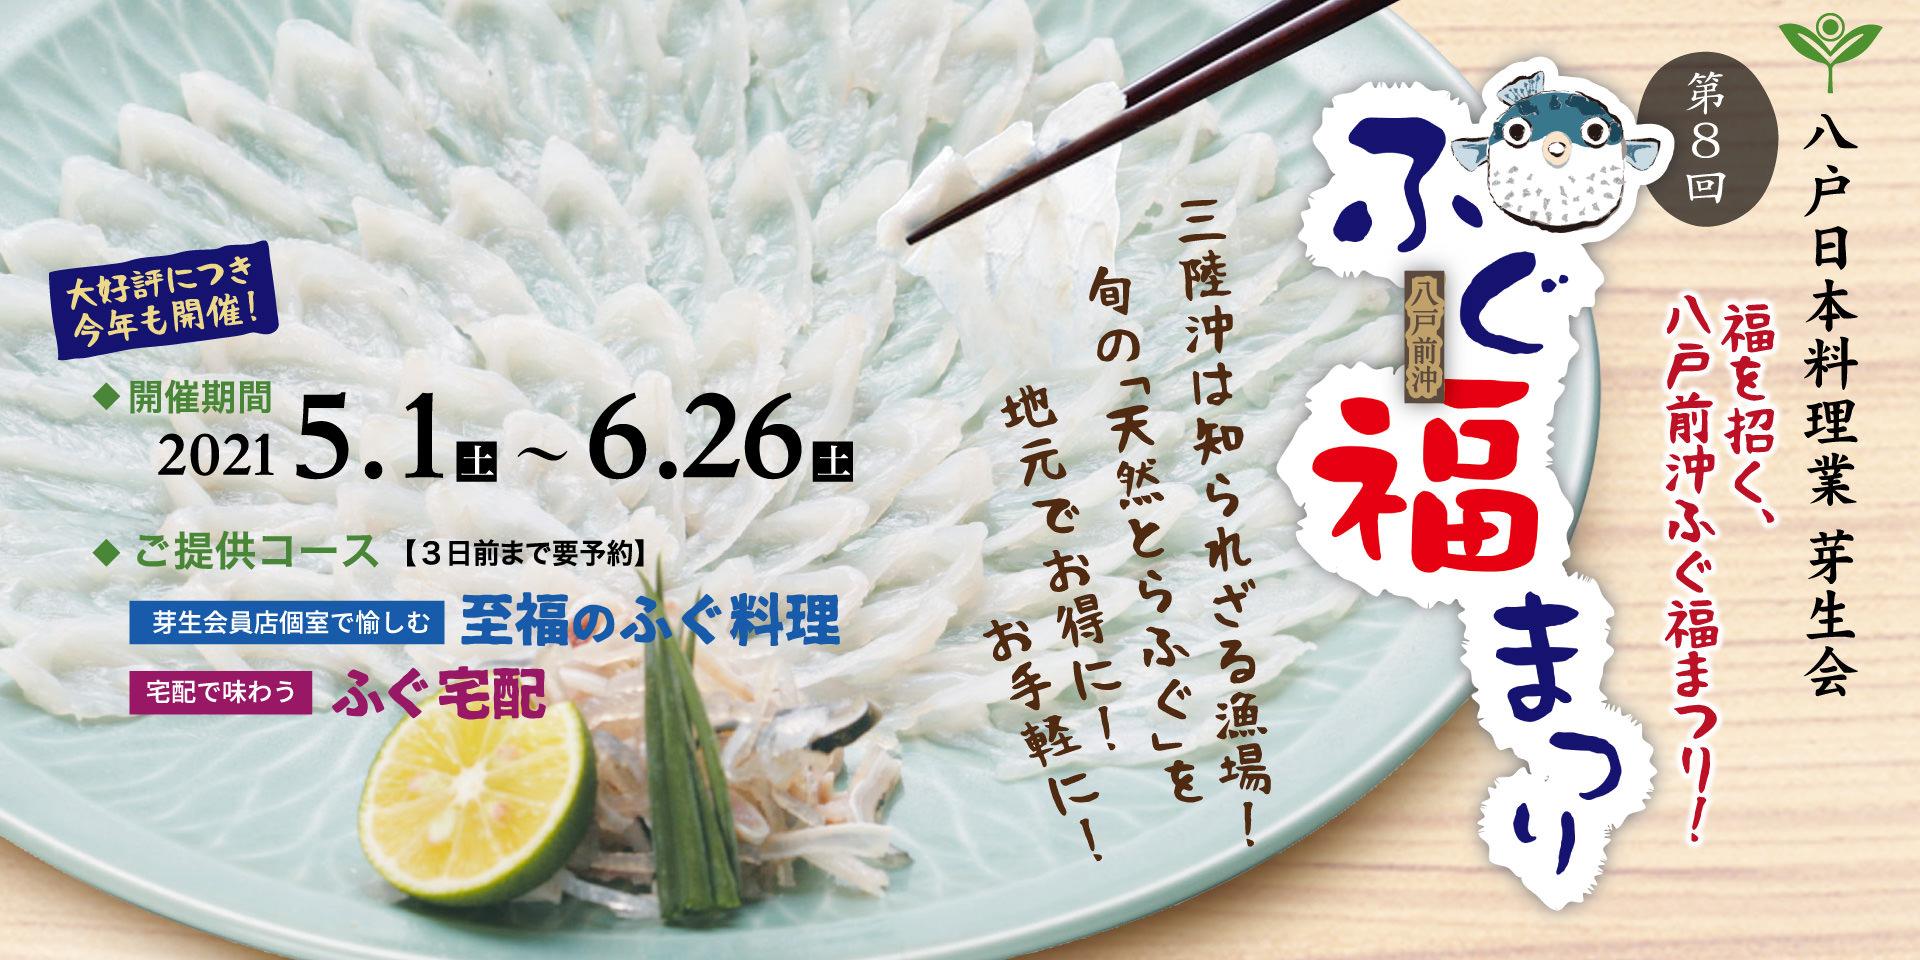 八戸日本料理業 芽生会 第8回 ふぐ福まつり